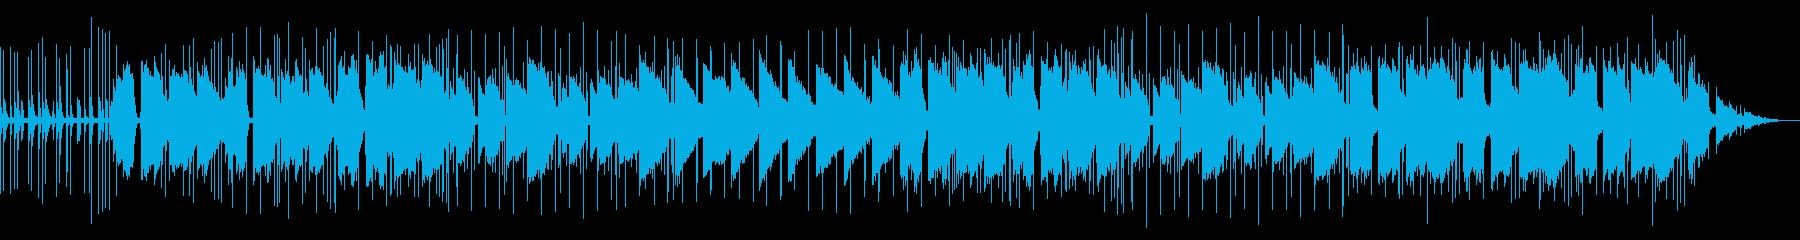 ギター lo-fi vlogにぴったりの再生済みの波形